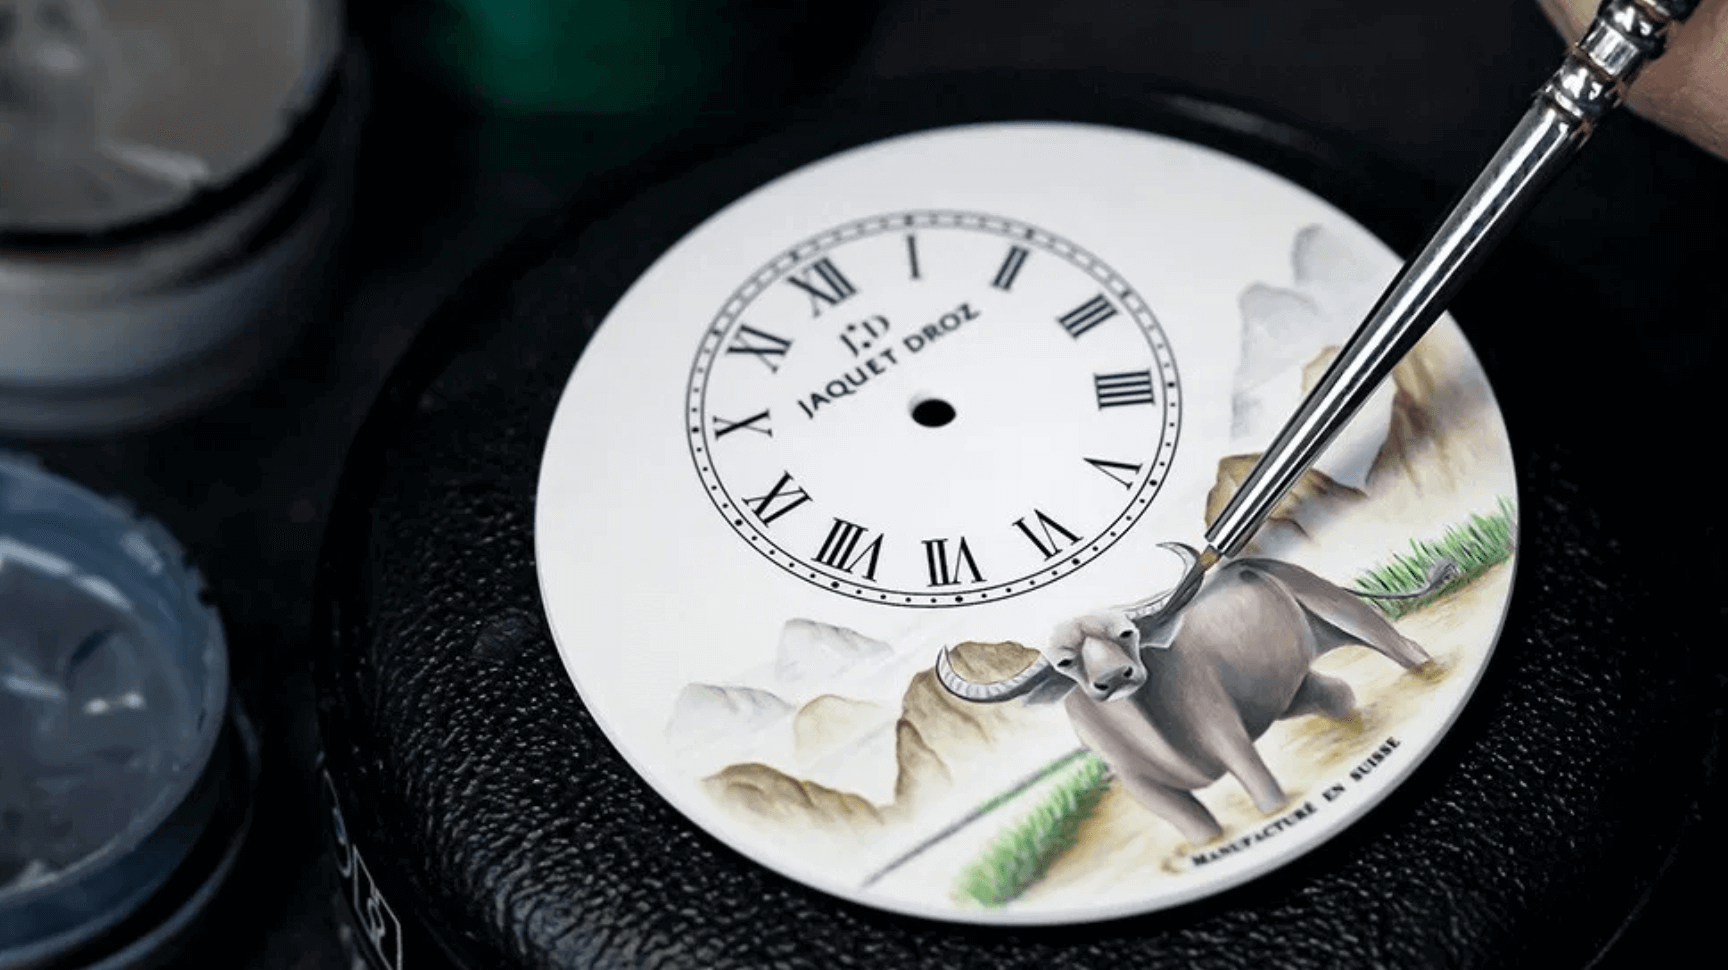 jaquet droz çin yılı öküz saat tasarım